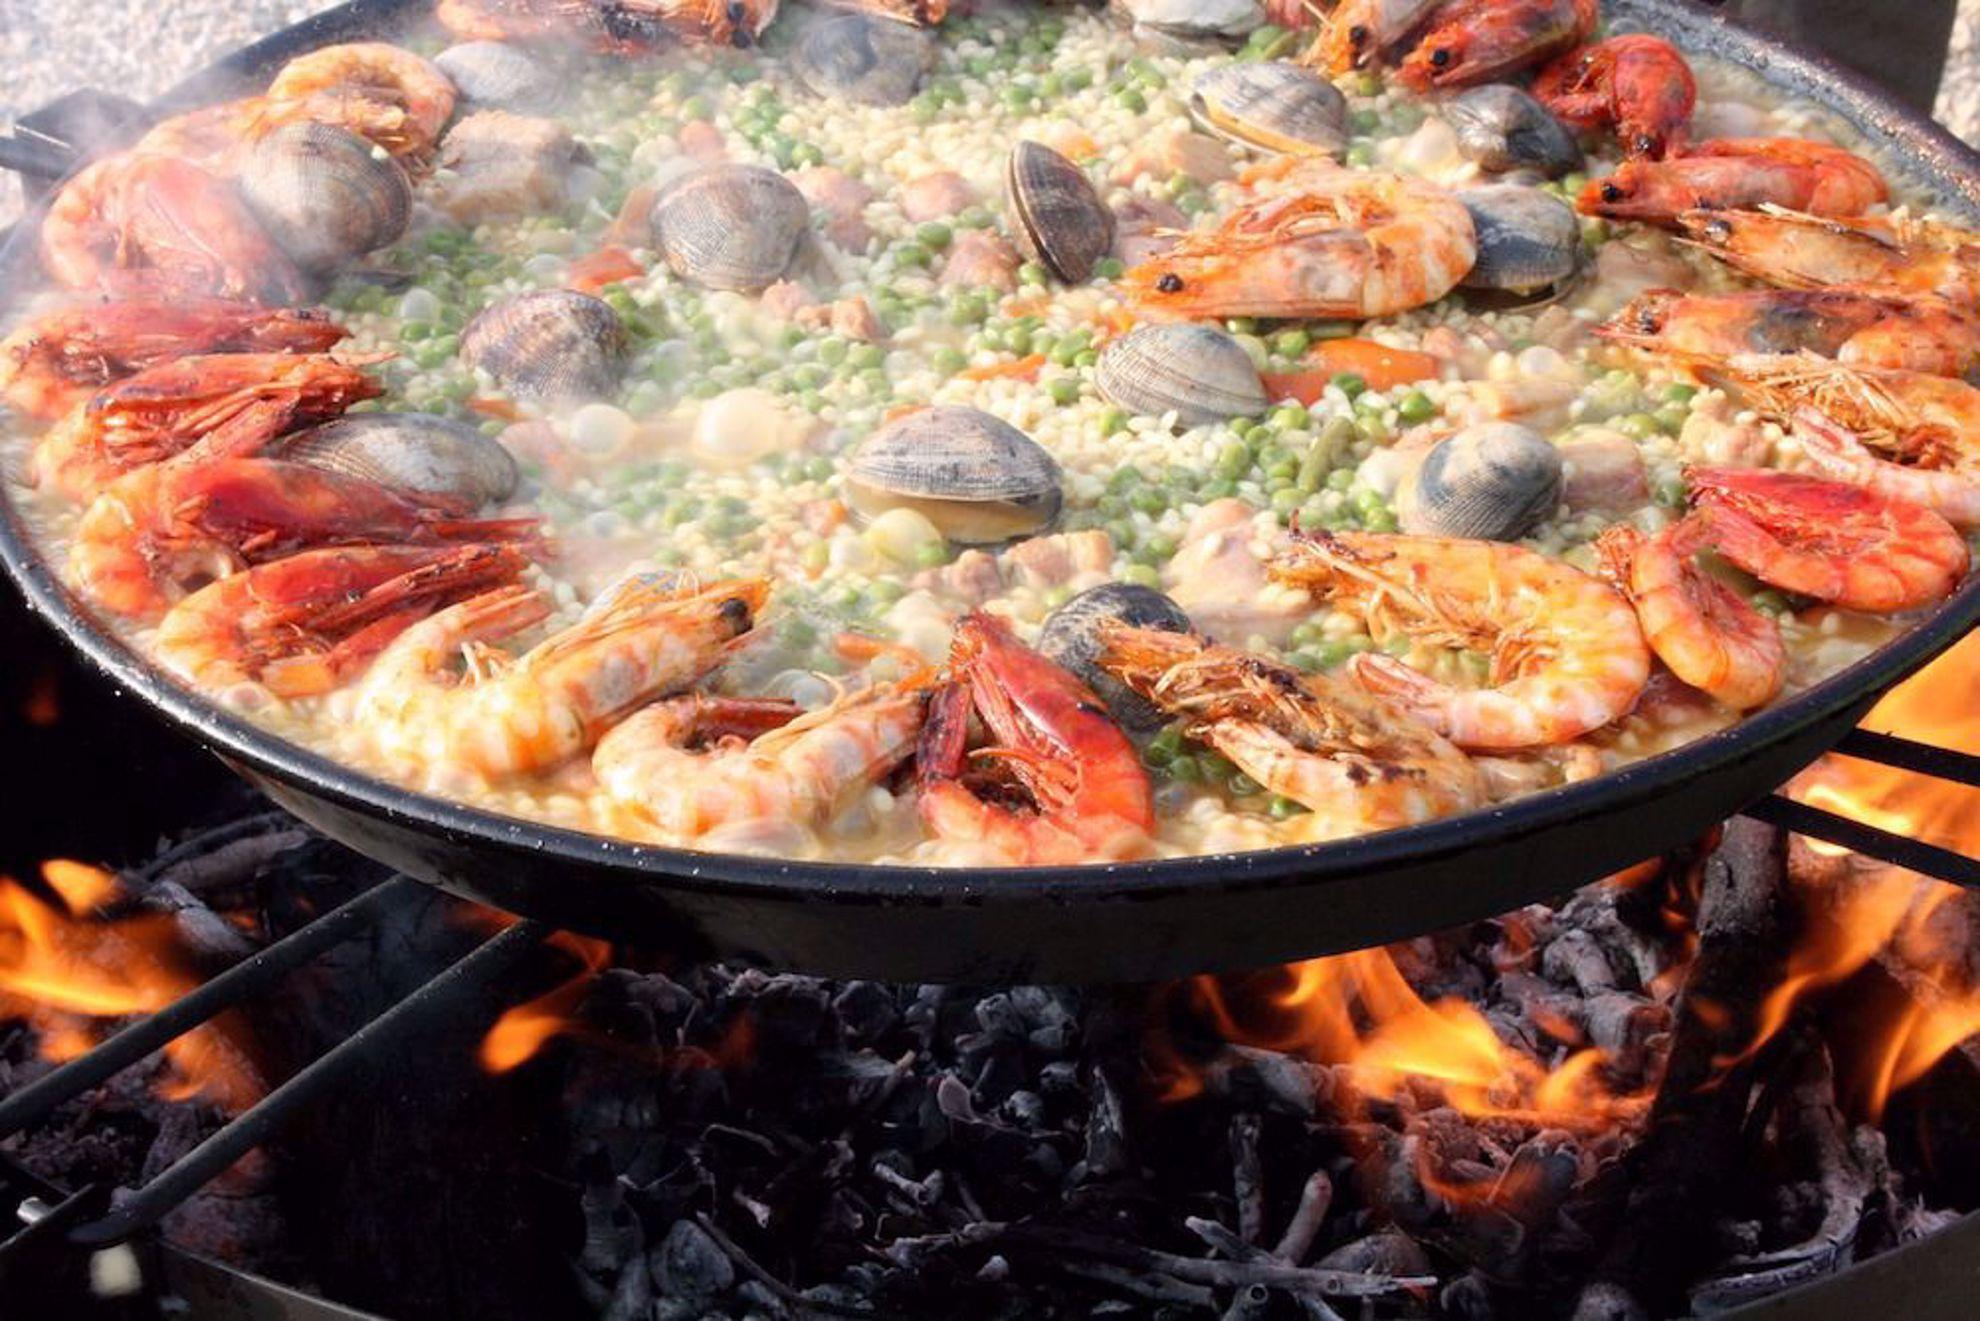 Paella seafood dish